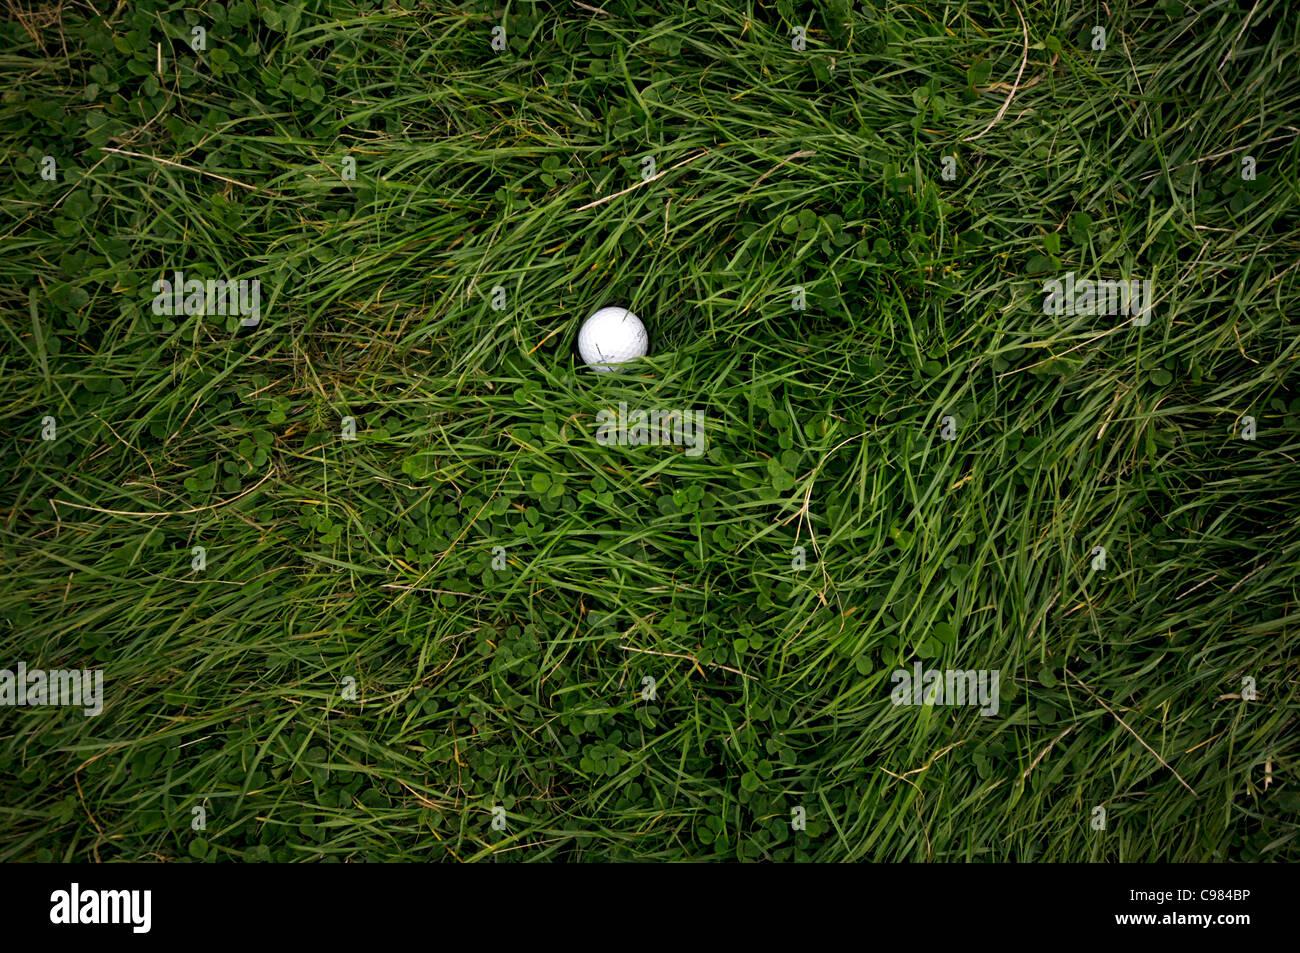 Golfball auf dem groben, langen Rasen, Golfplatz Stockbild